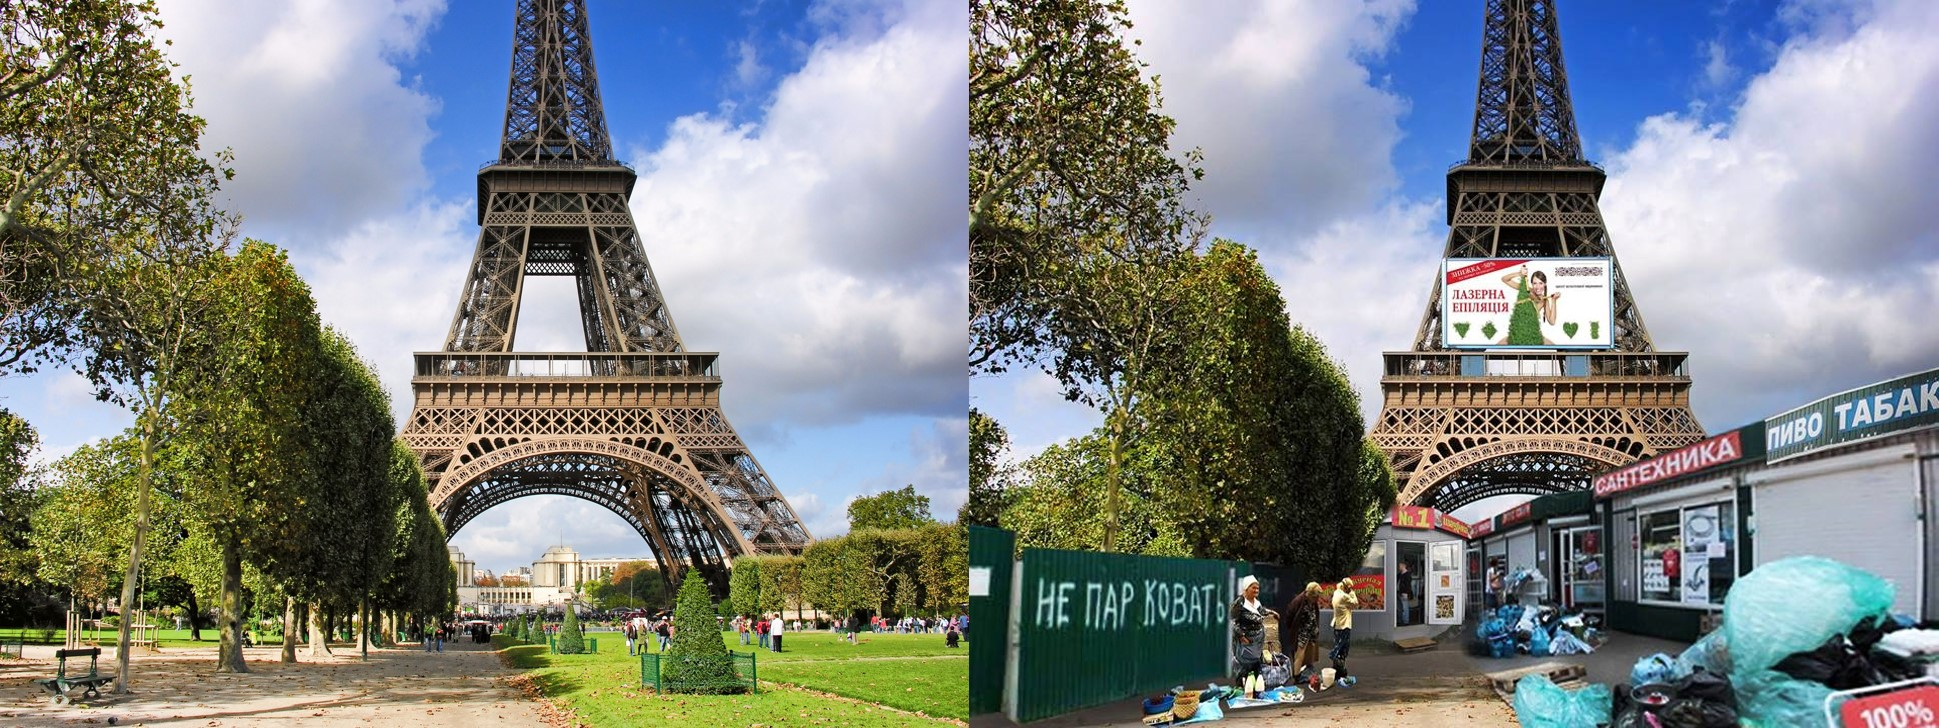 Как в Европе заботятся о внешнем виде города